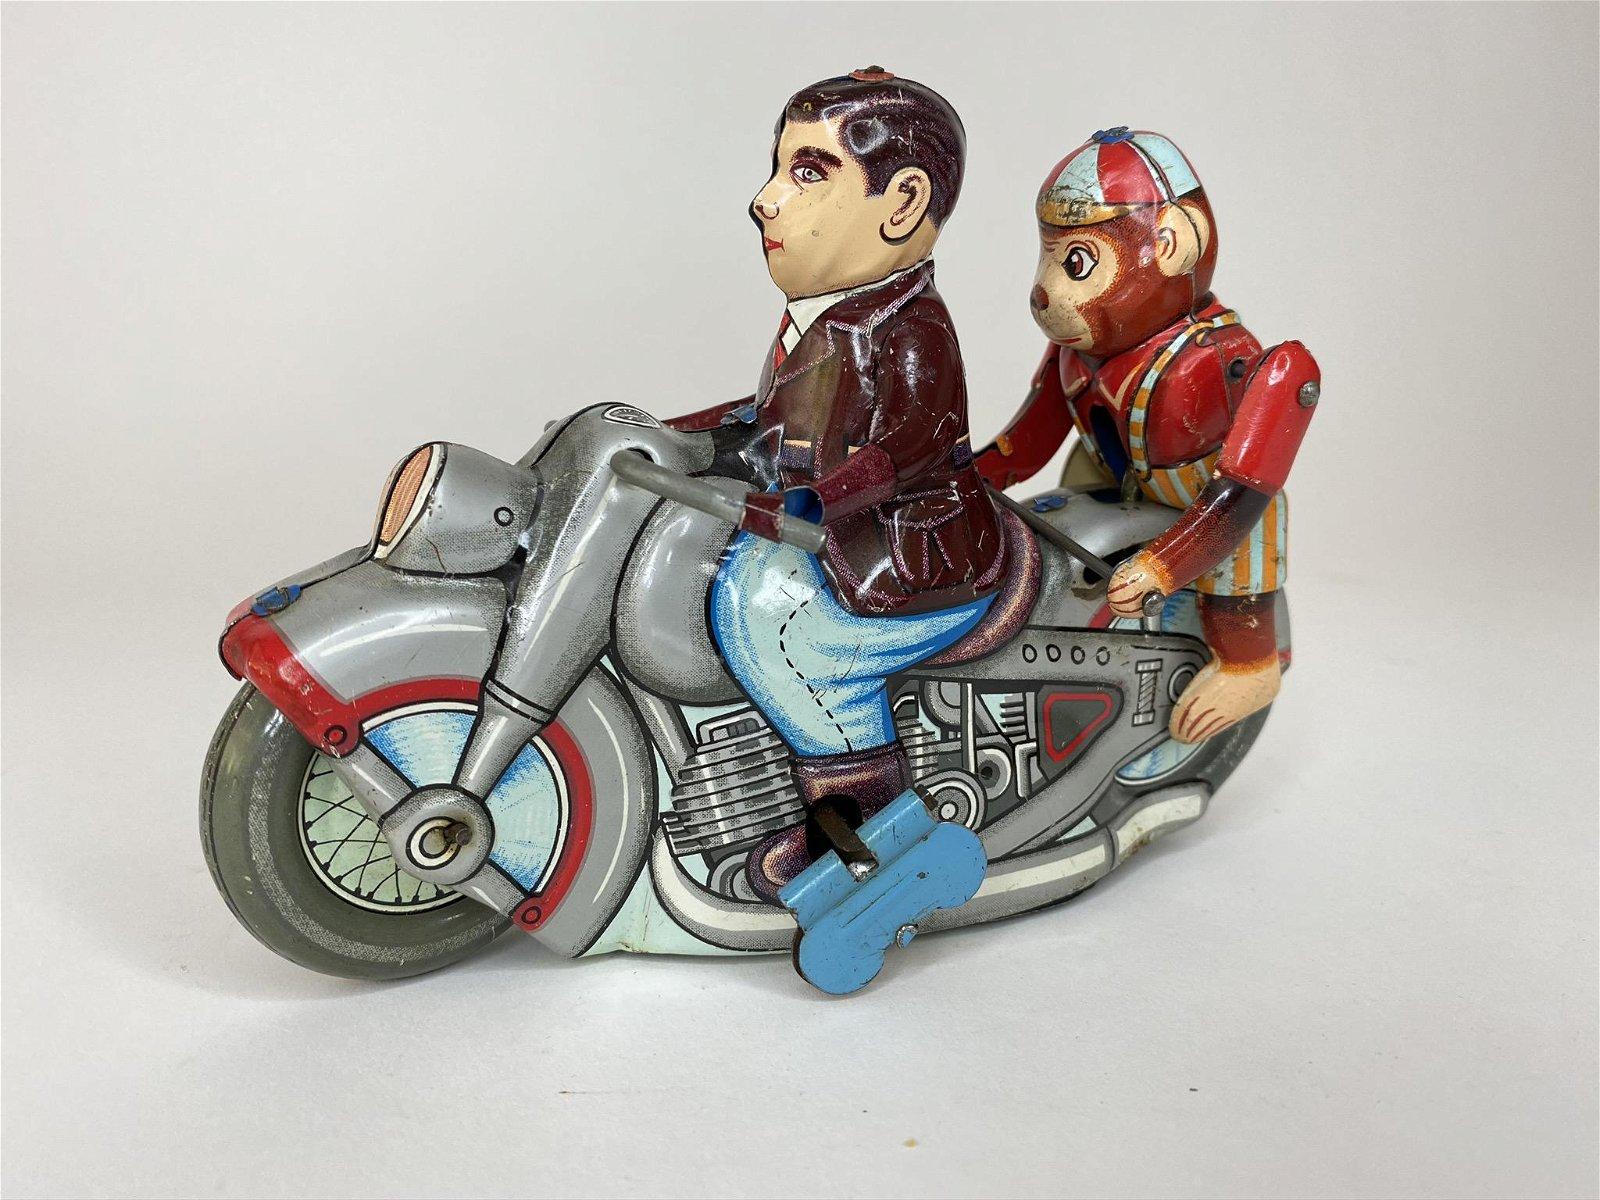 Acrobatic Monkey on Motorcycle Kanto Toys